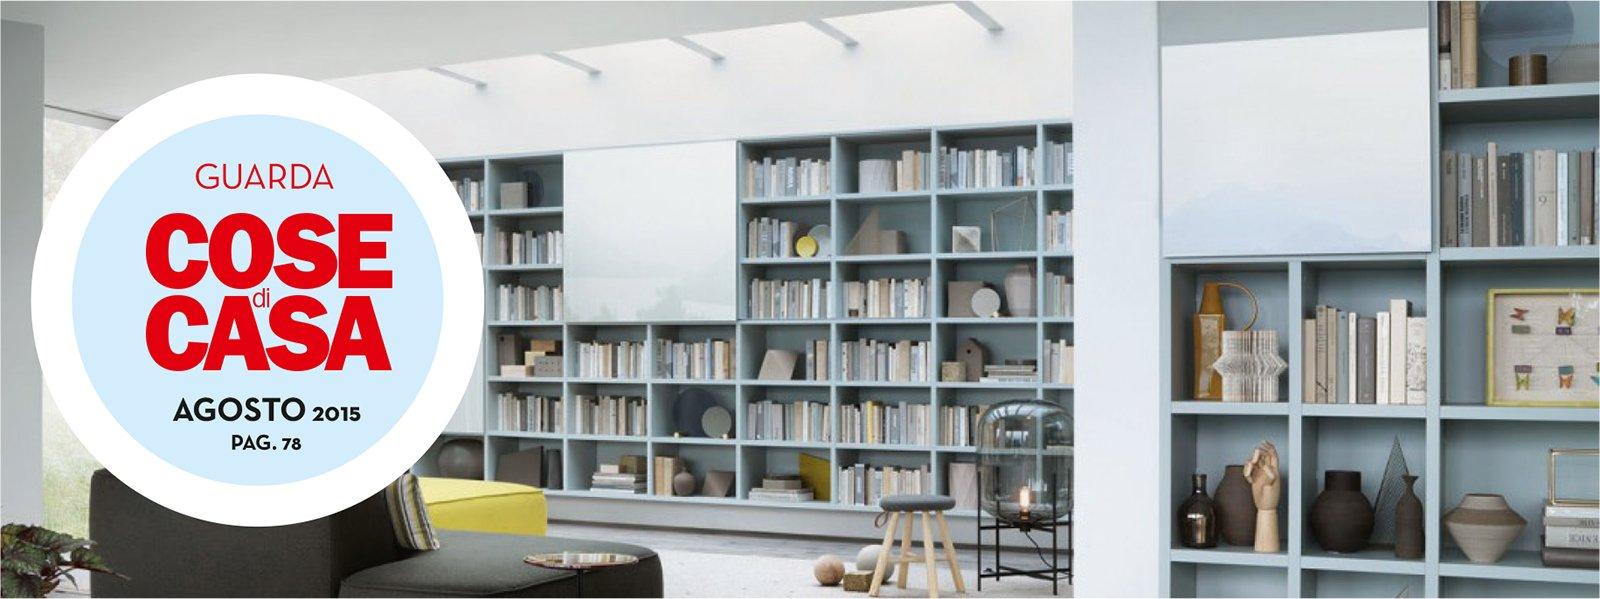 Soggiorno   consigli e idee sull'arredamento   cose di casa